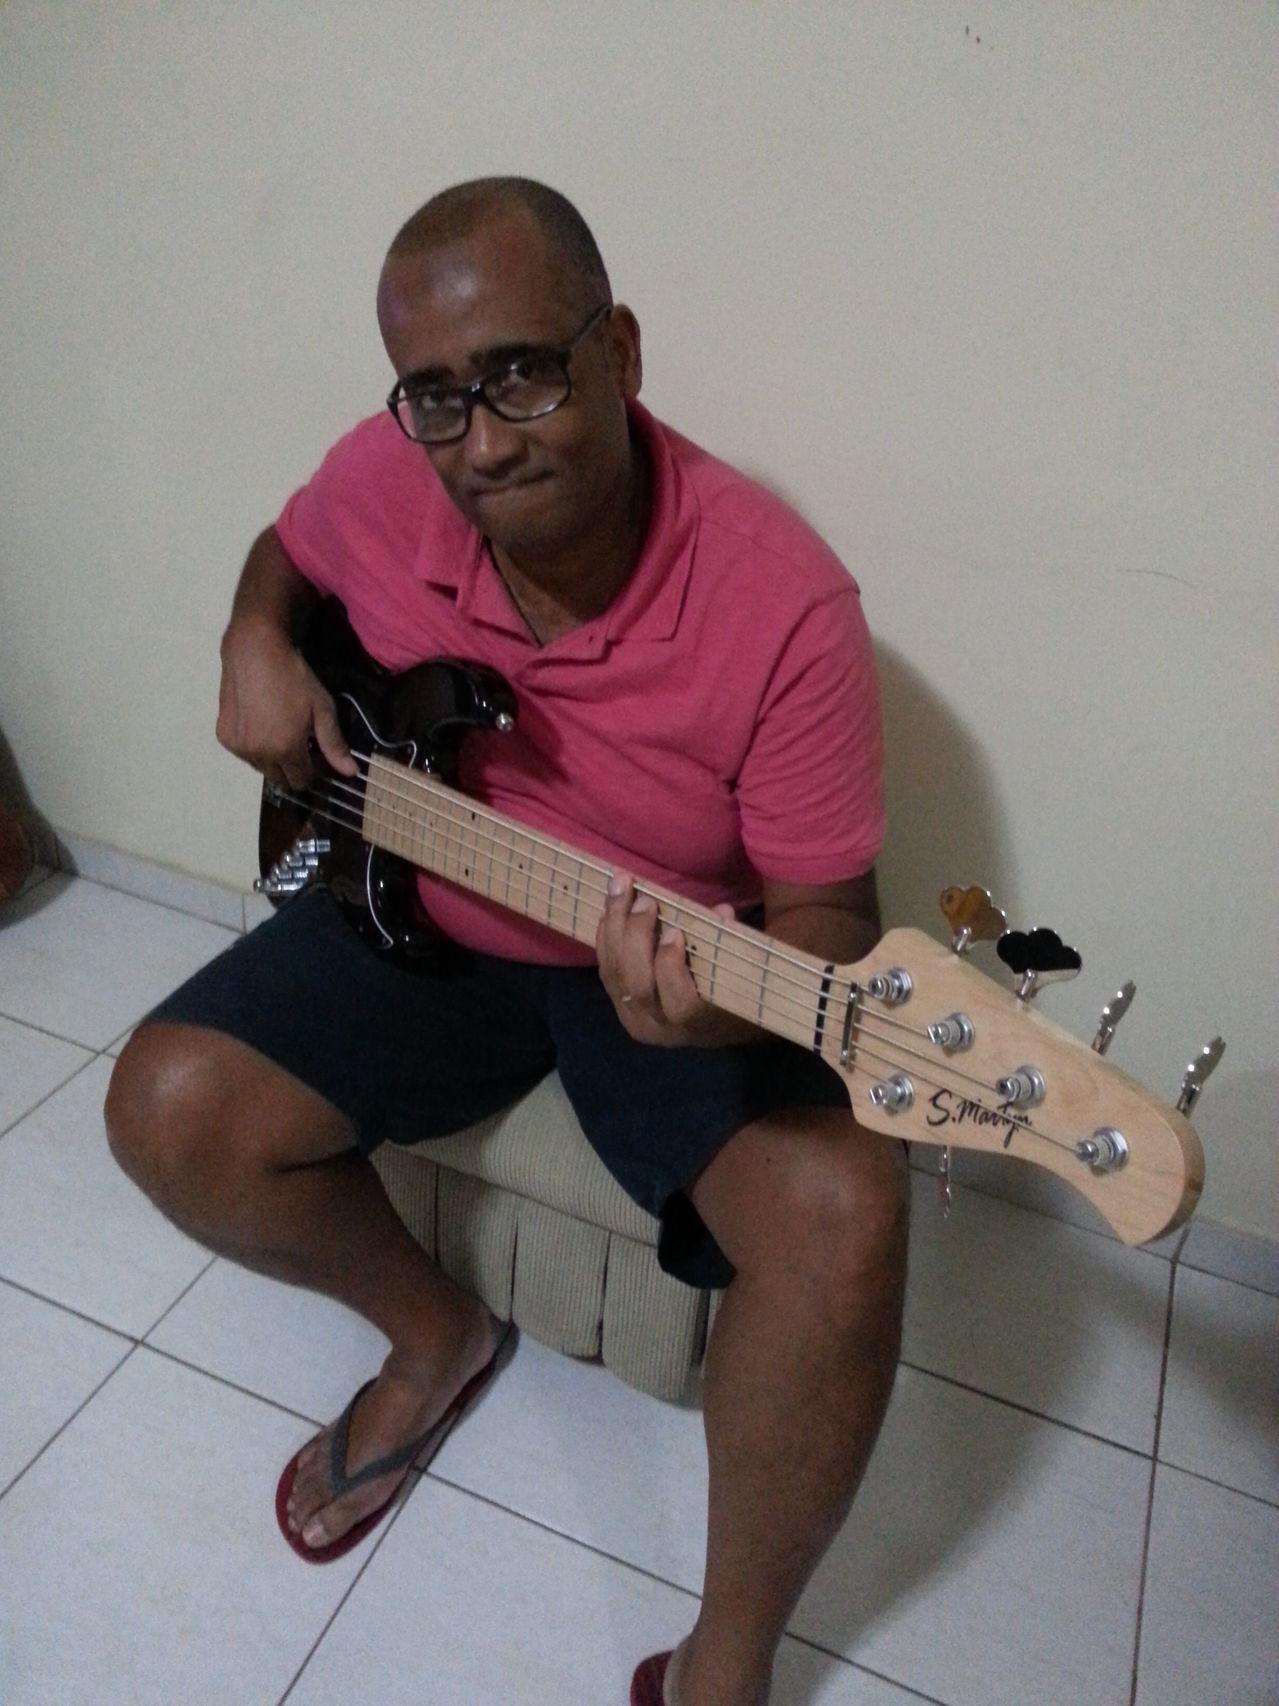 Novo Projeto Baixo S.Martyn - Jazz Bass Custom 22 - 5 cordas - Com fotos e vídeo - Página 3 Image